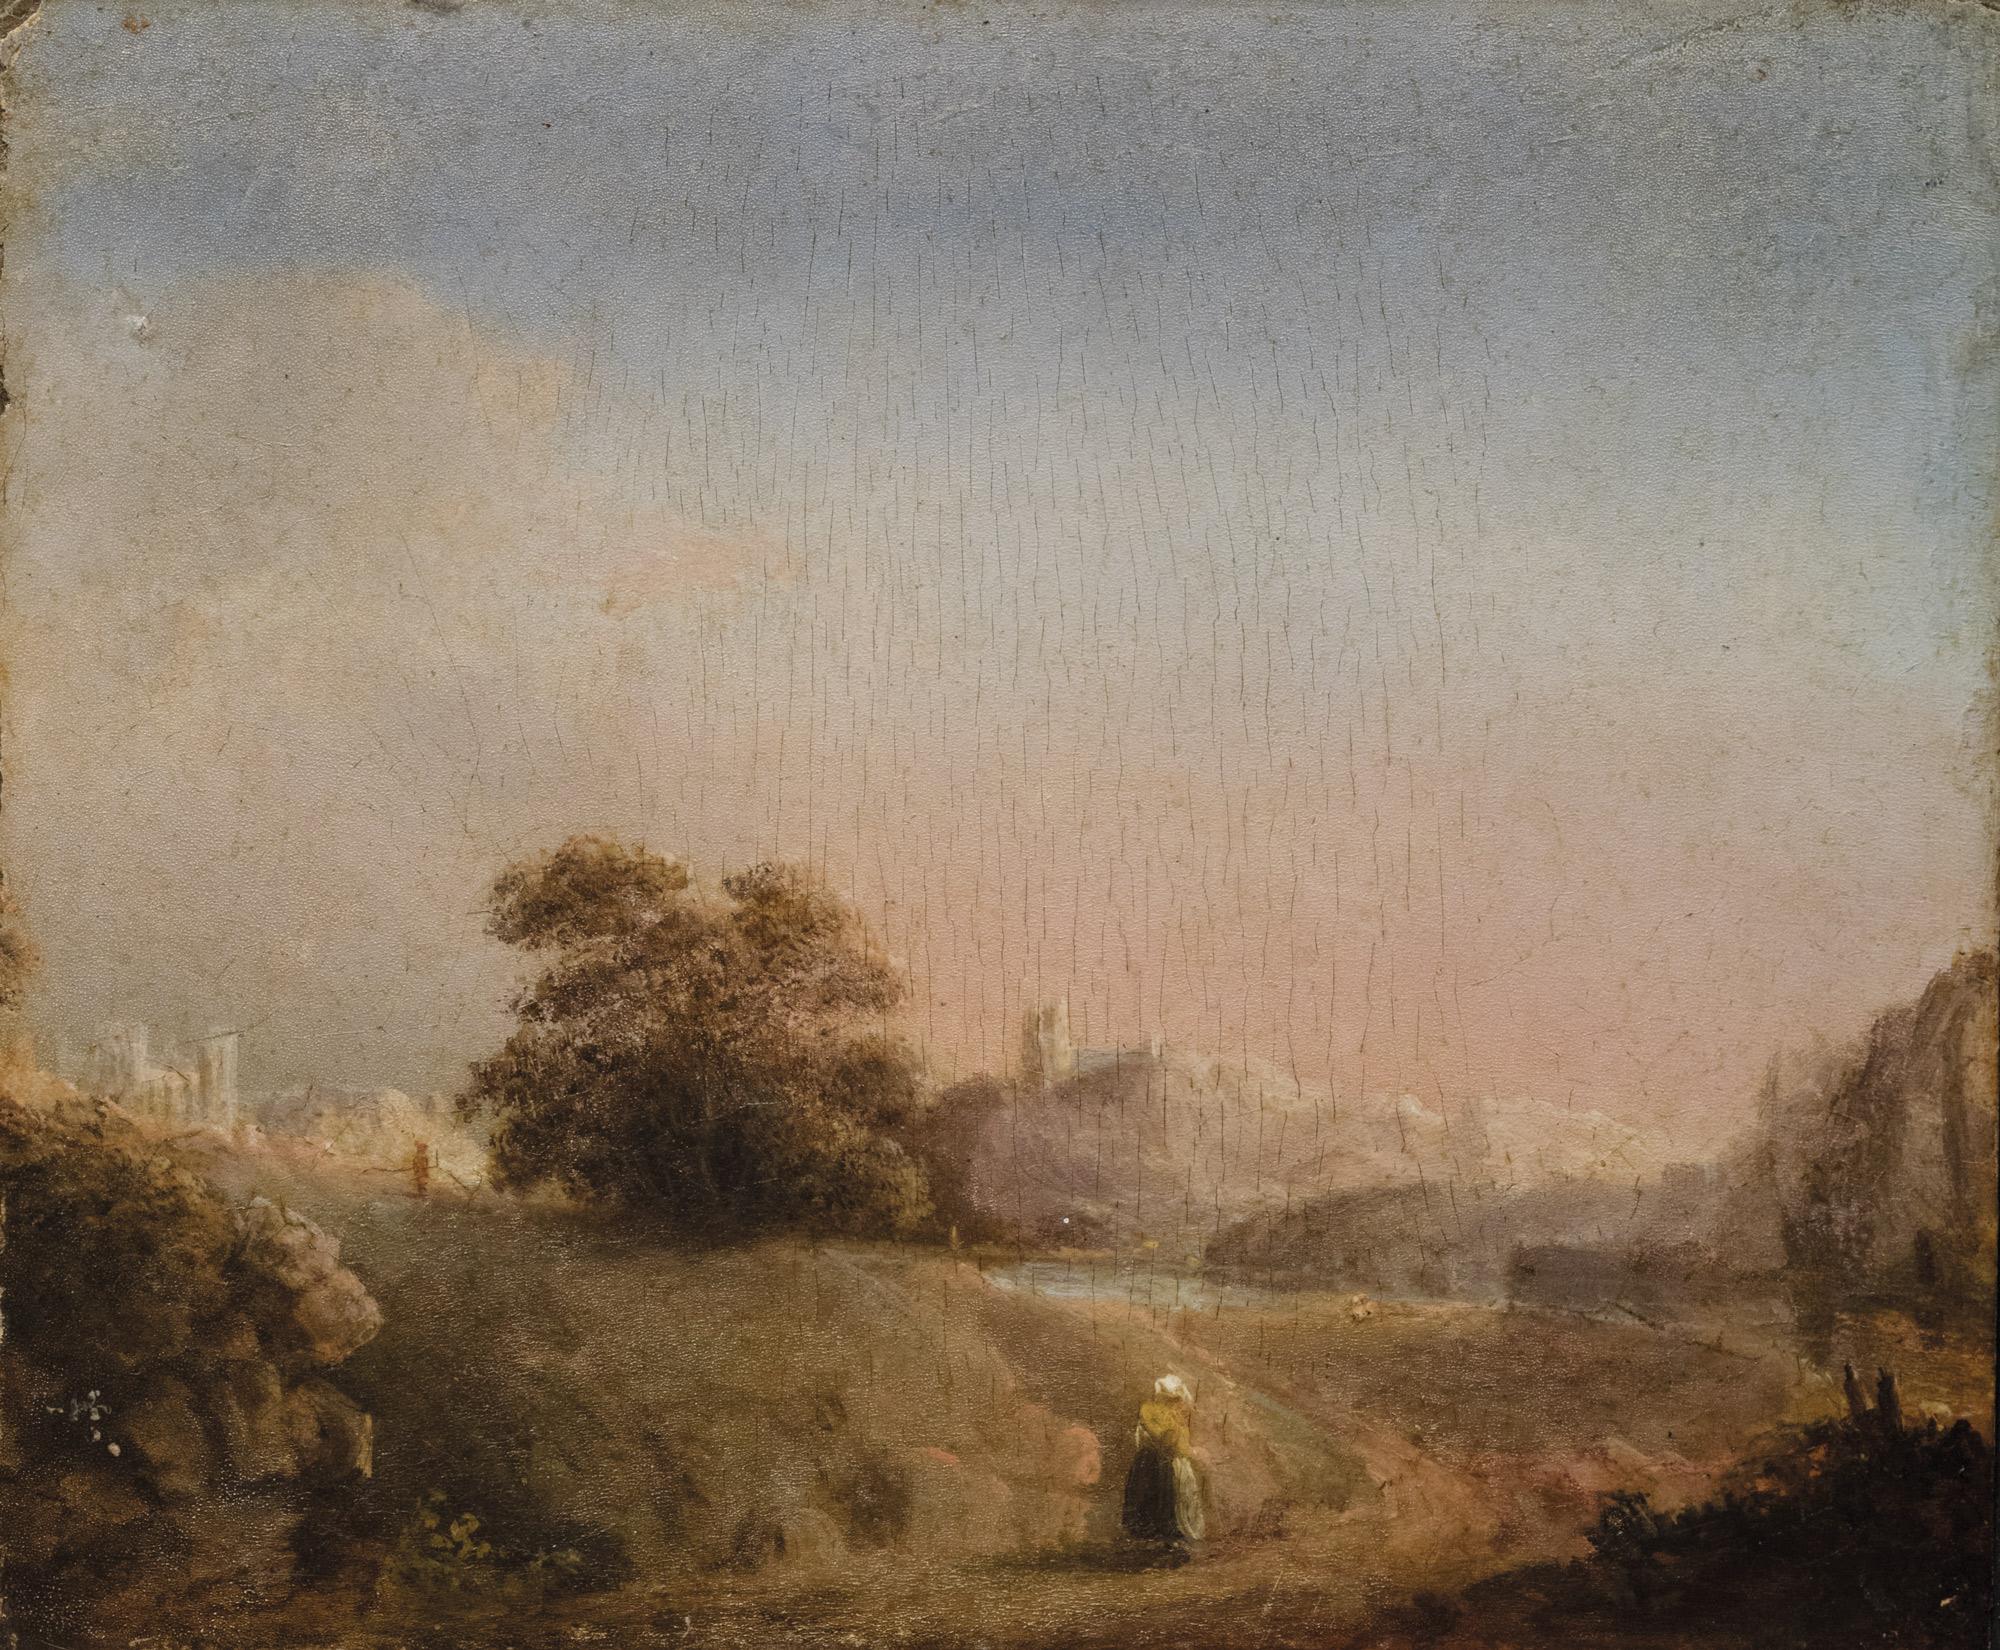 Paesaggio fluviale con contadina in primo piano e cattedrale in lontananza